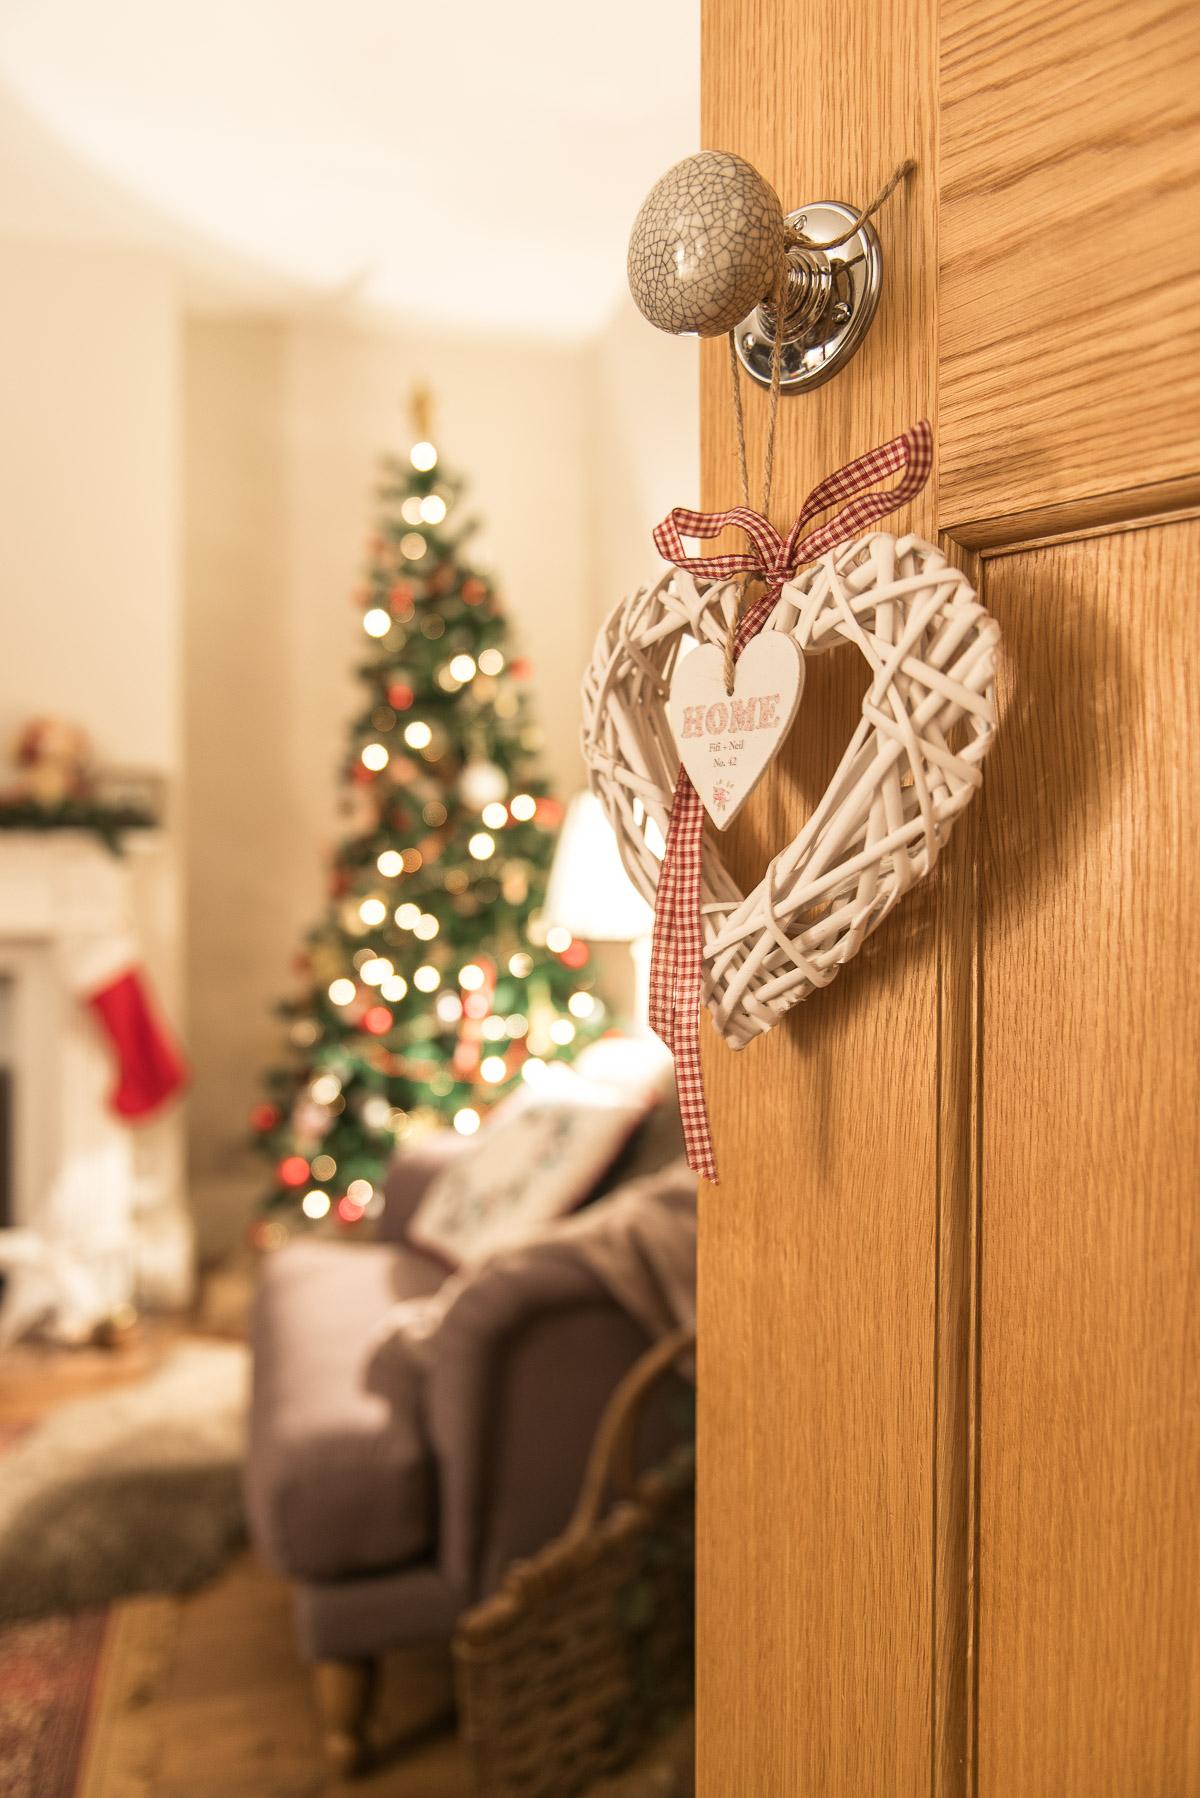 Wicker Christmas Heart